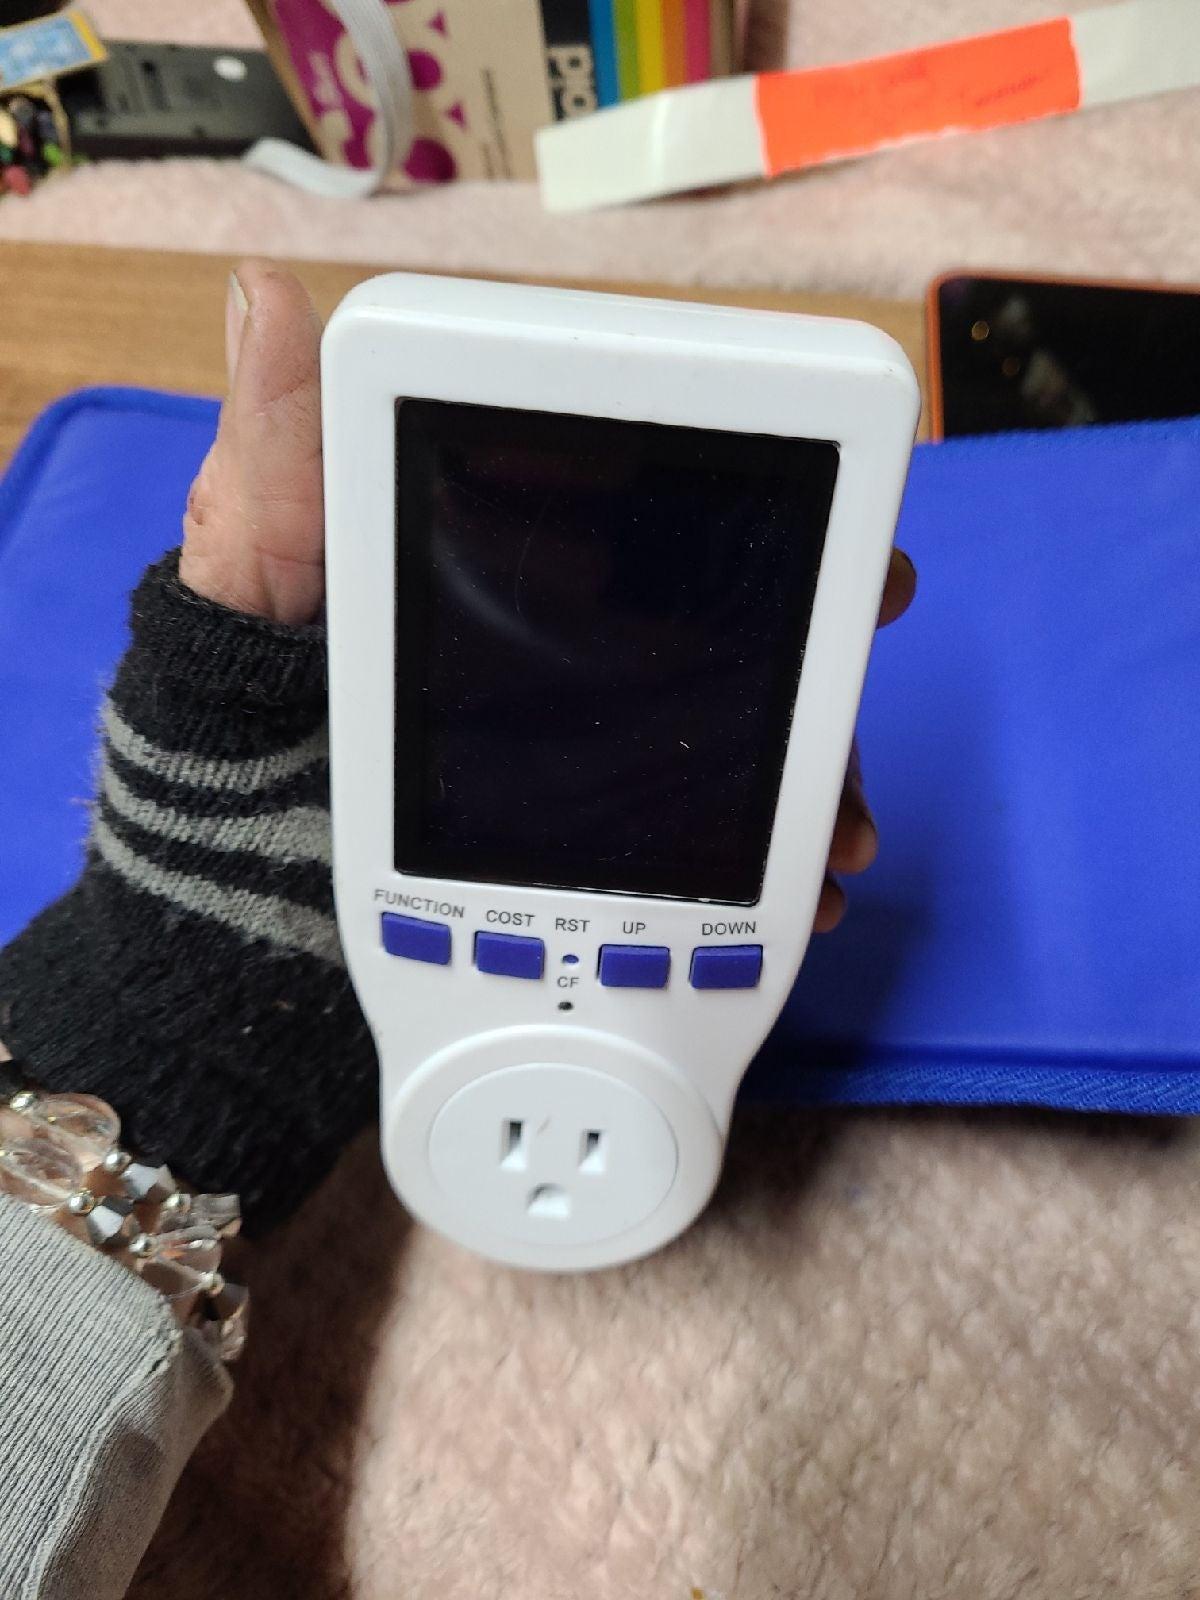 Electricity Monitor Analyzer